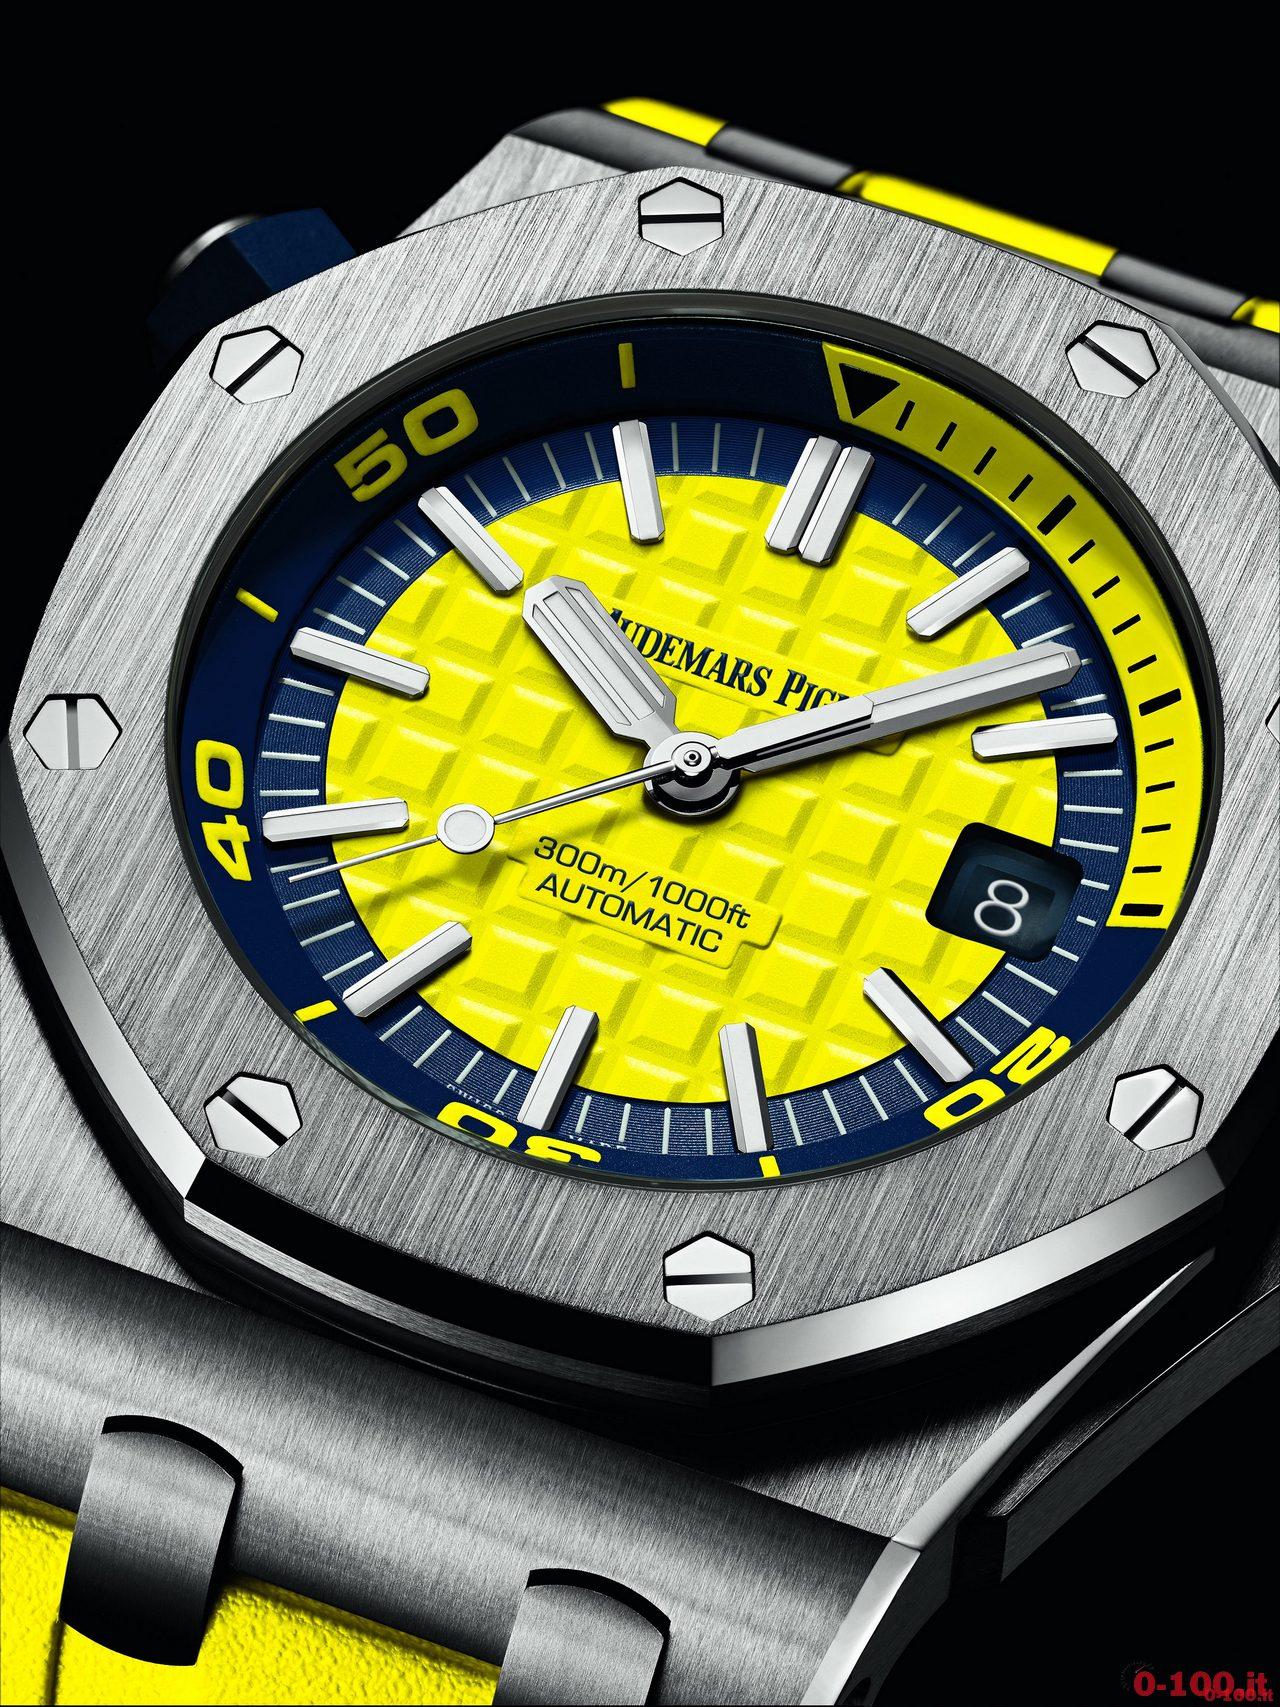 sihh_2017_audemars-piguet-royal-oak-offshore-diver-prezzi-price_0-1008